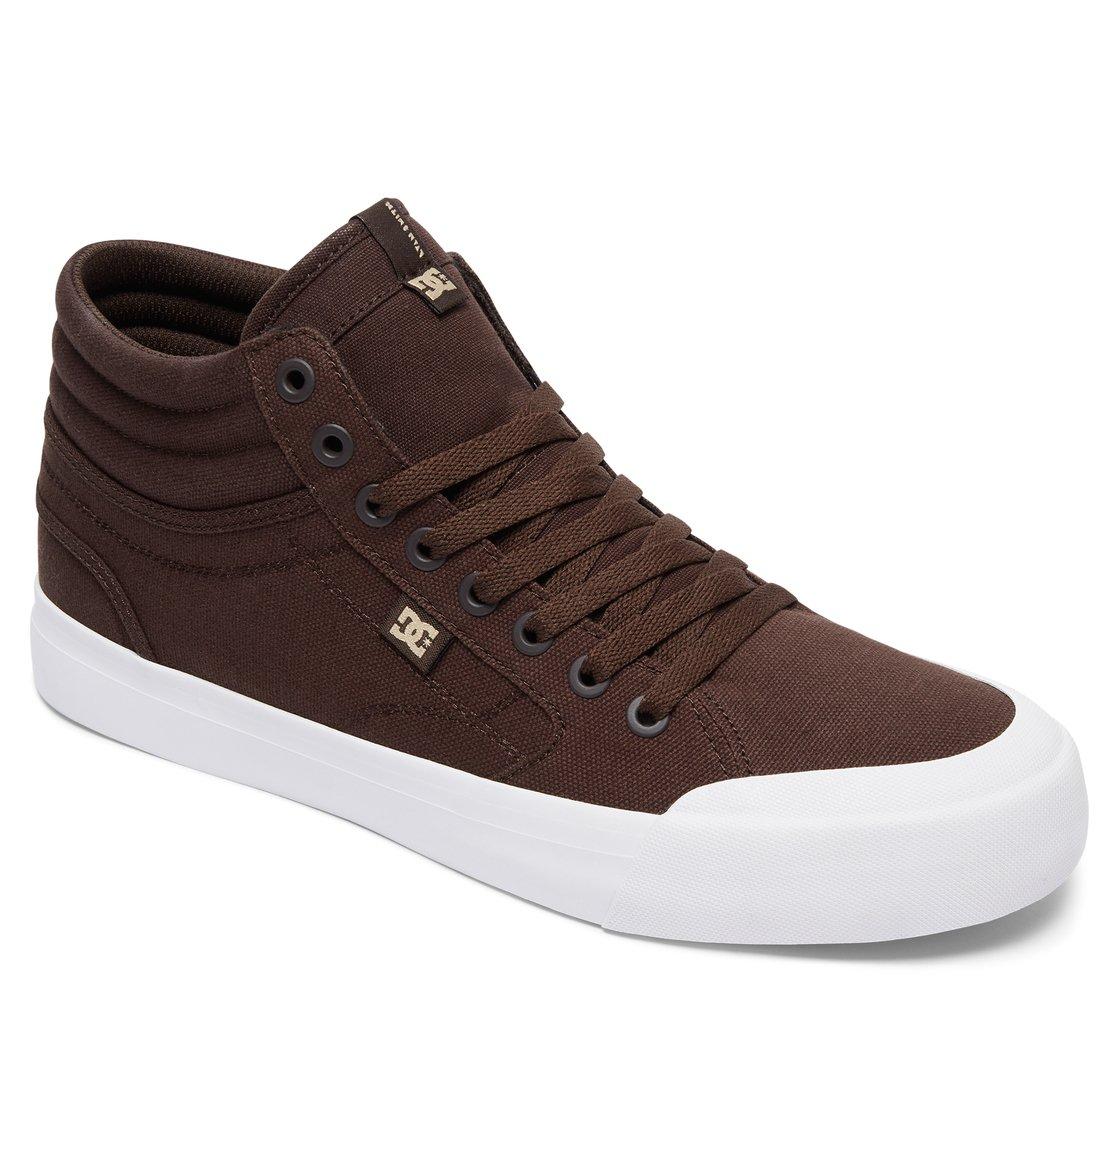 Dc Shoes Evan Smith Hi Tx